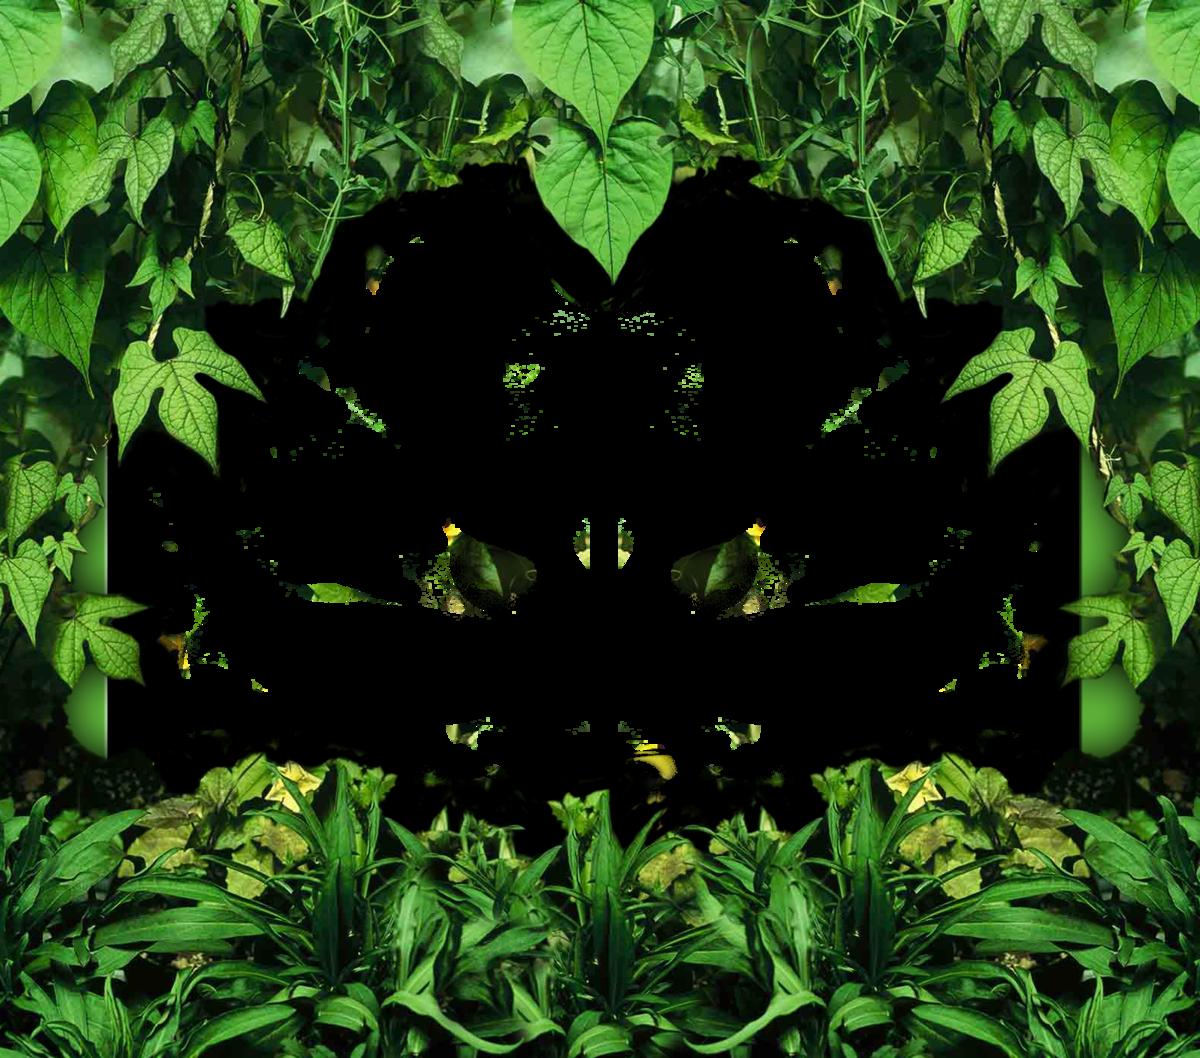 Фон леса для поздравления